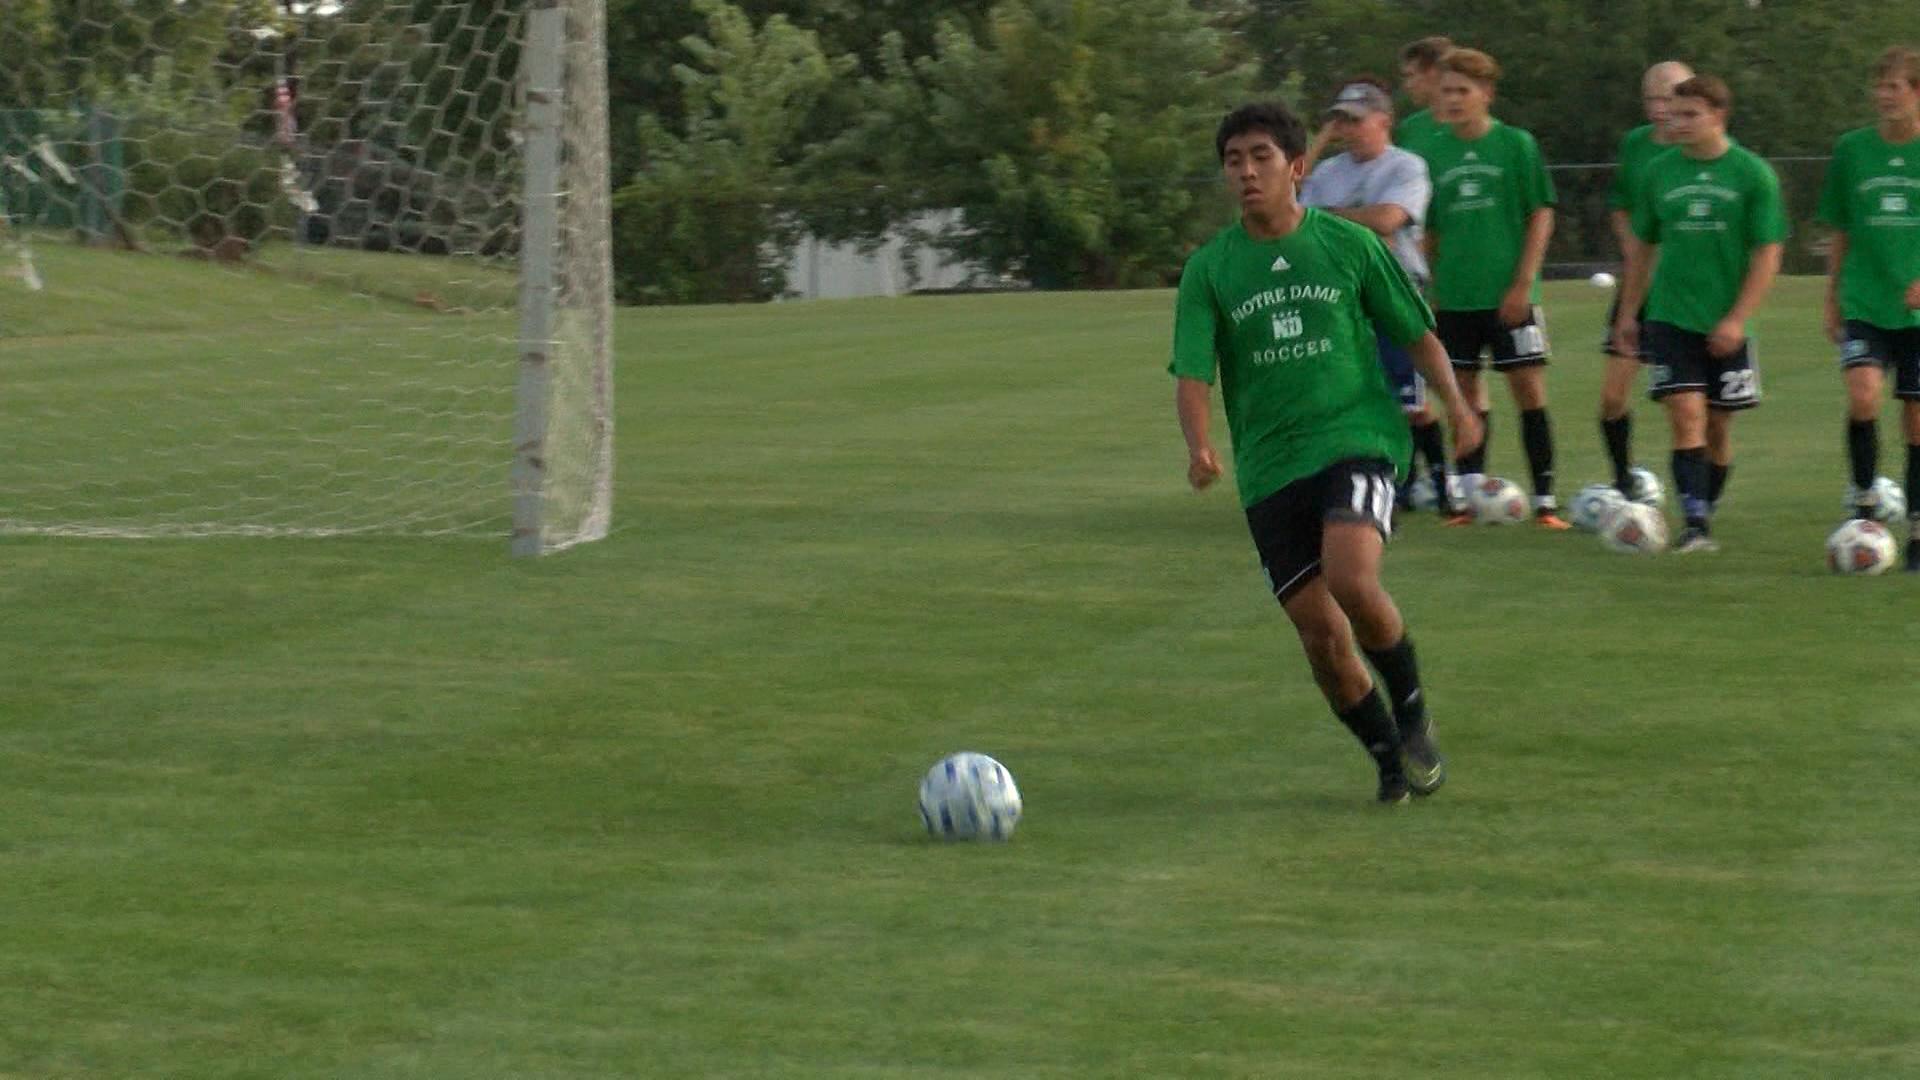 PND soccer practice 0824_1503637380403.jpg